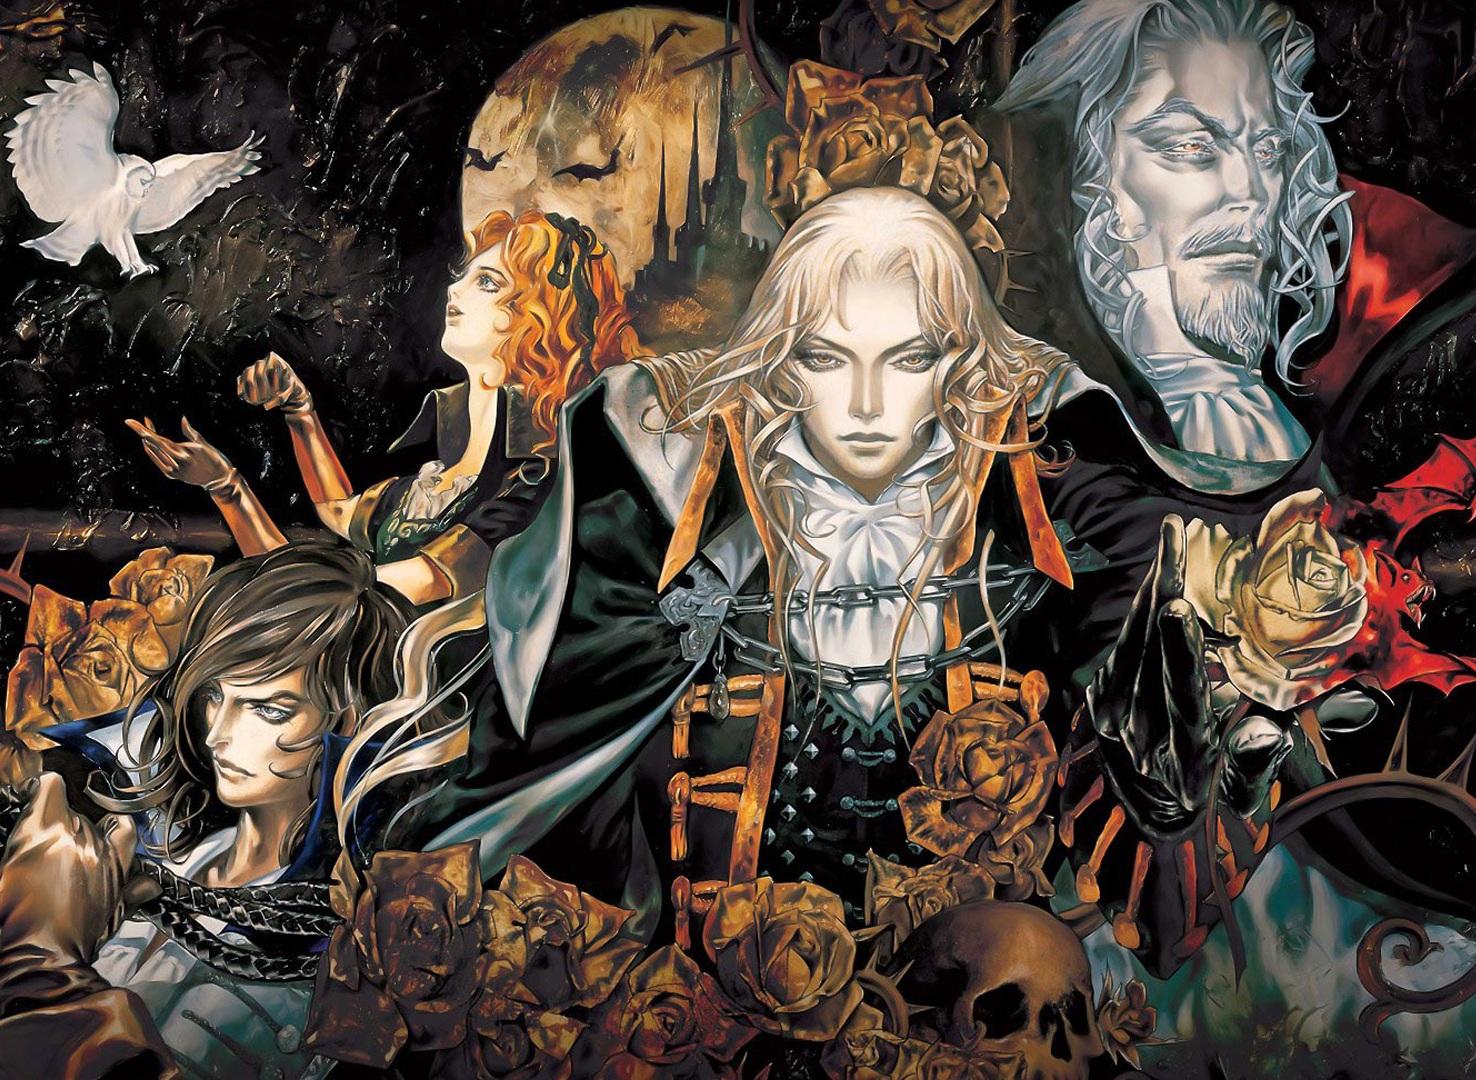 Hé lộ trailer mới ấn định ngày ra mắt Castlevania từ đại gia Netflix